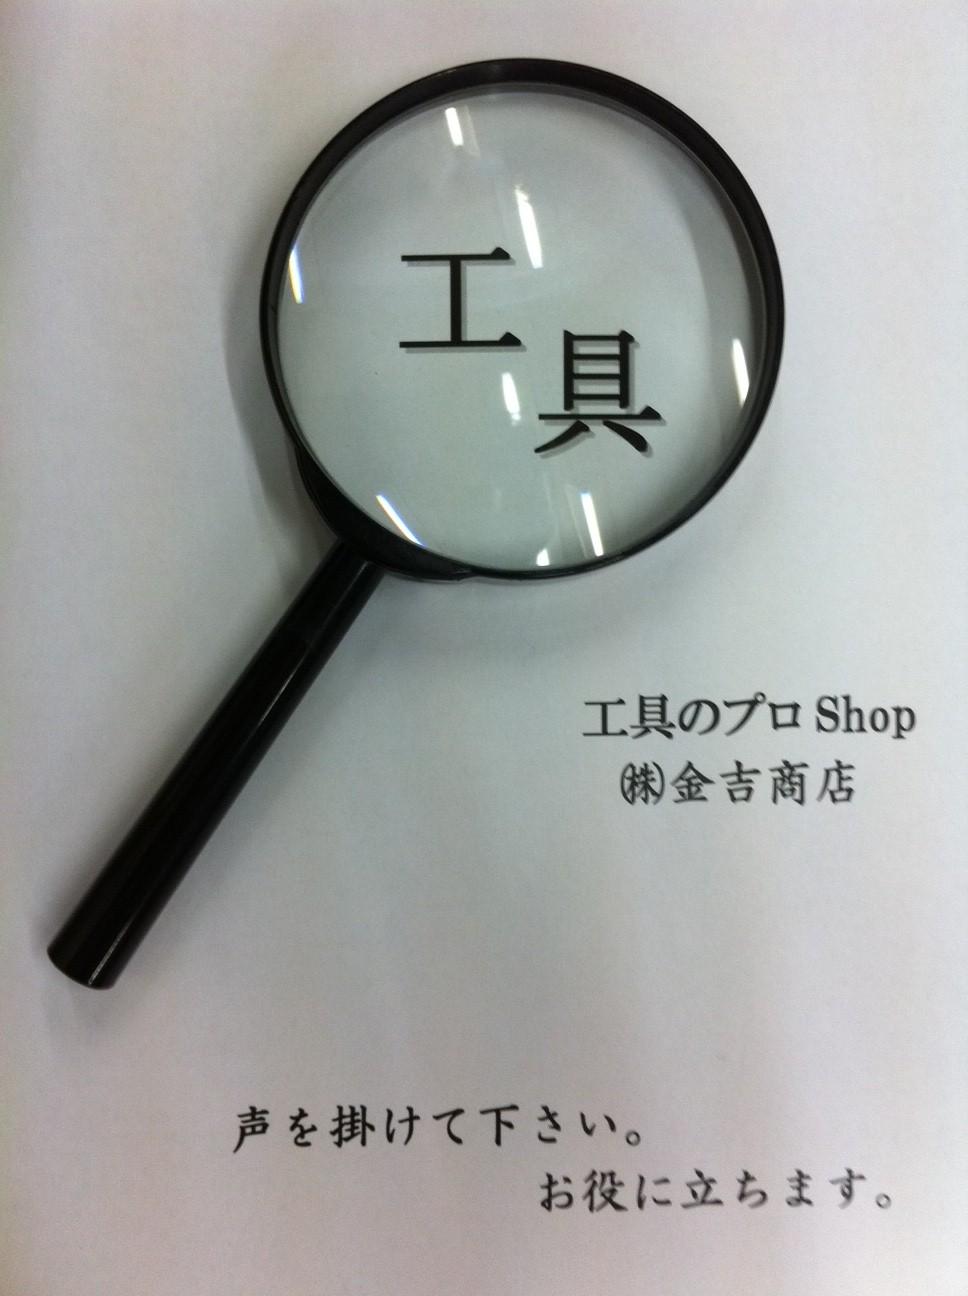 川口機械工具商業協同組合(埼玉県川口市)金吉商店